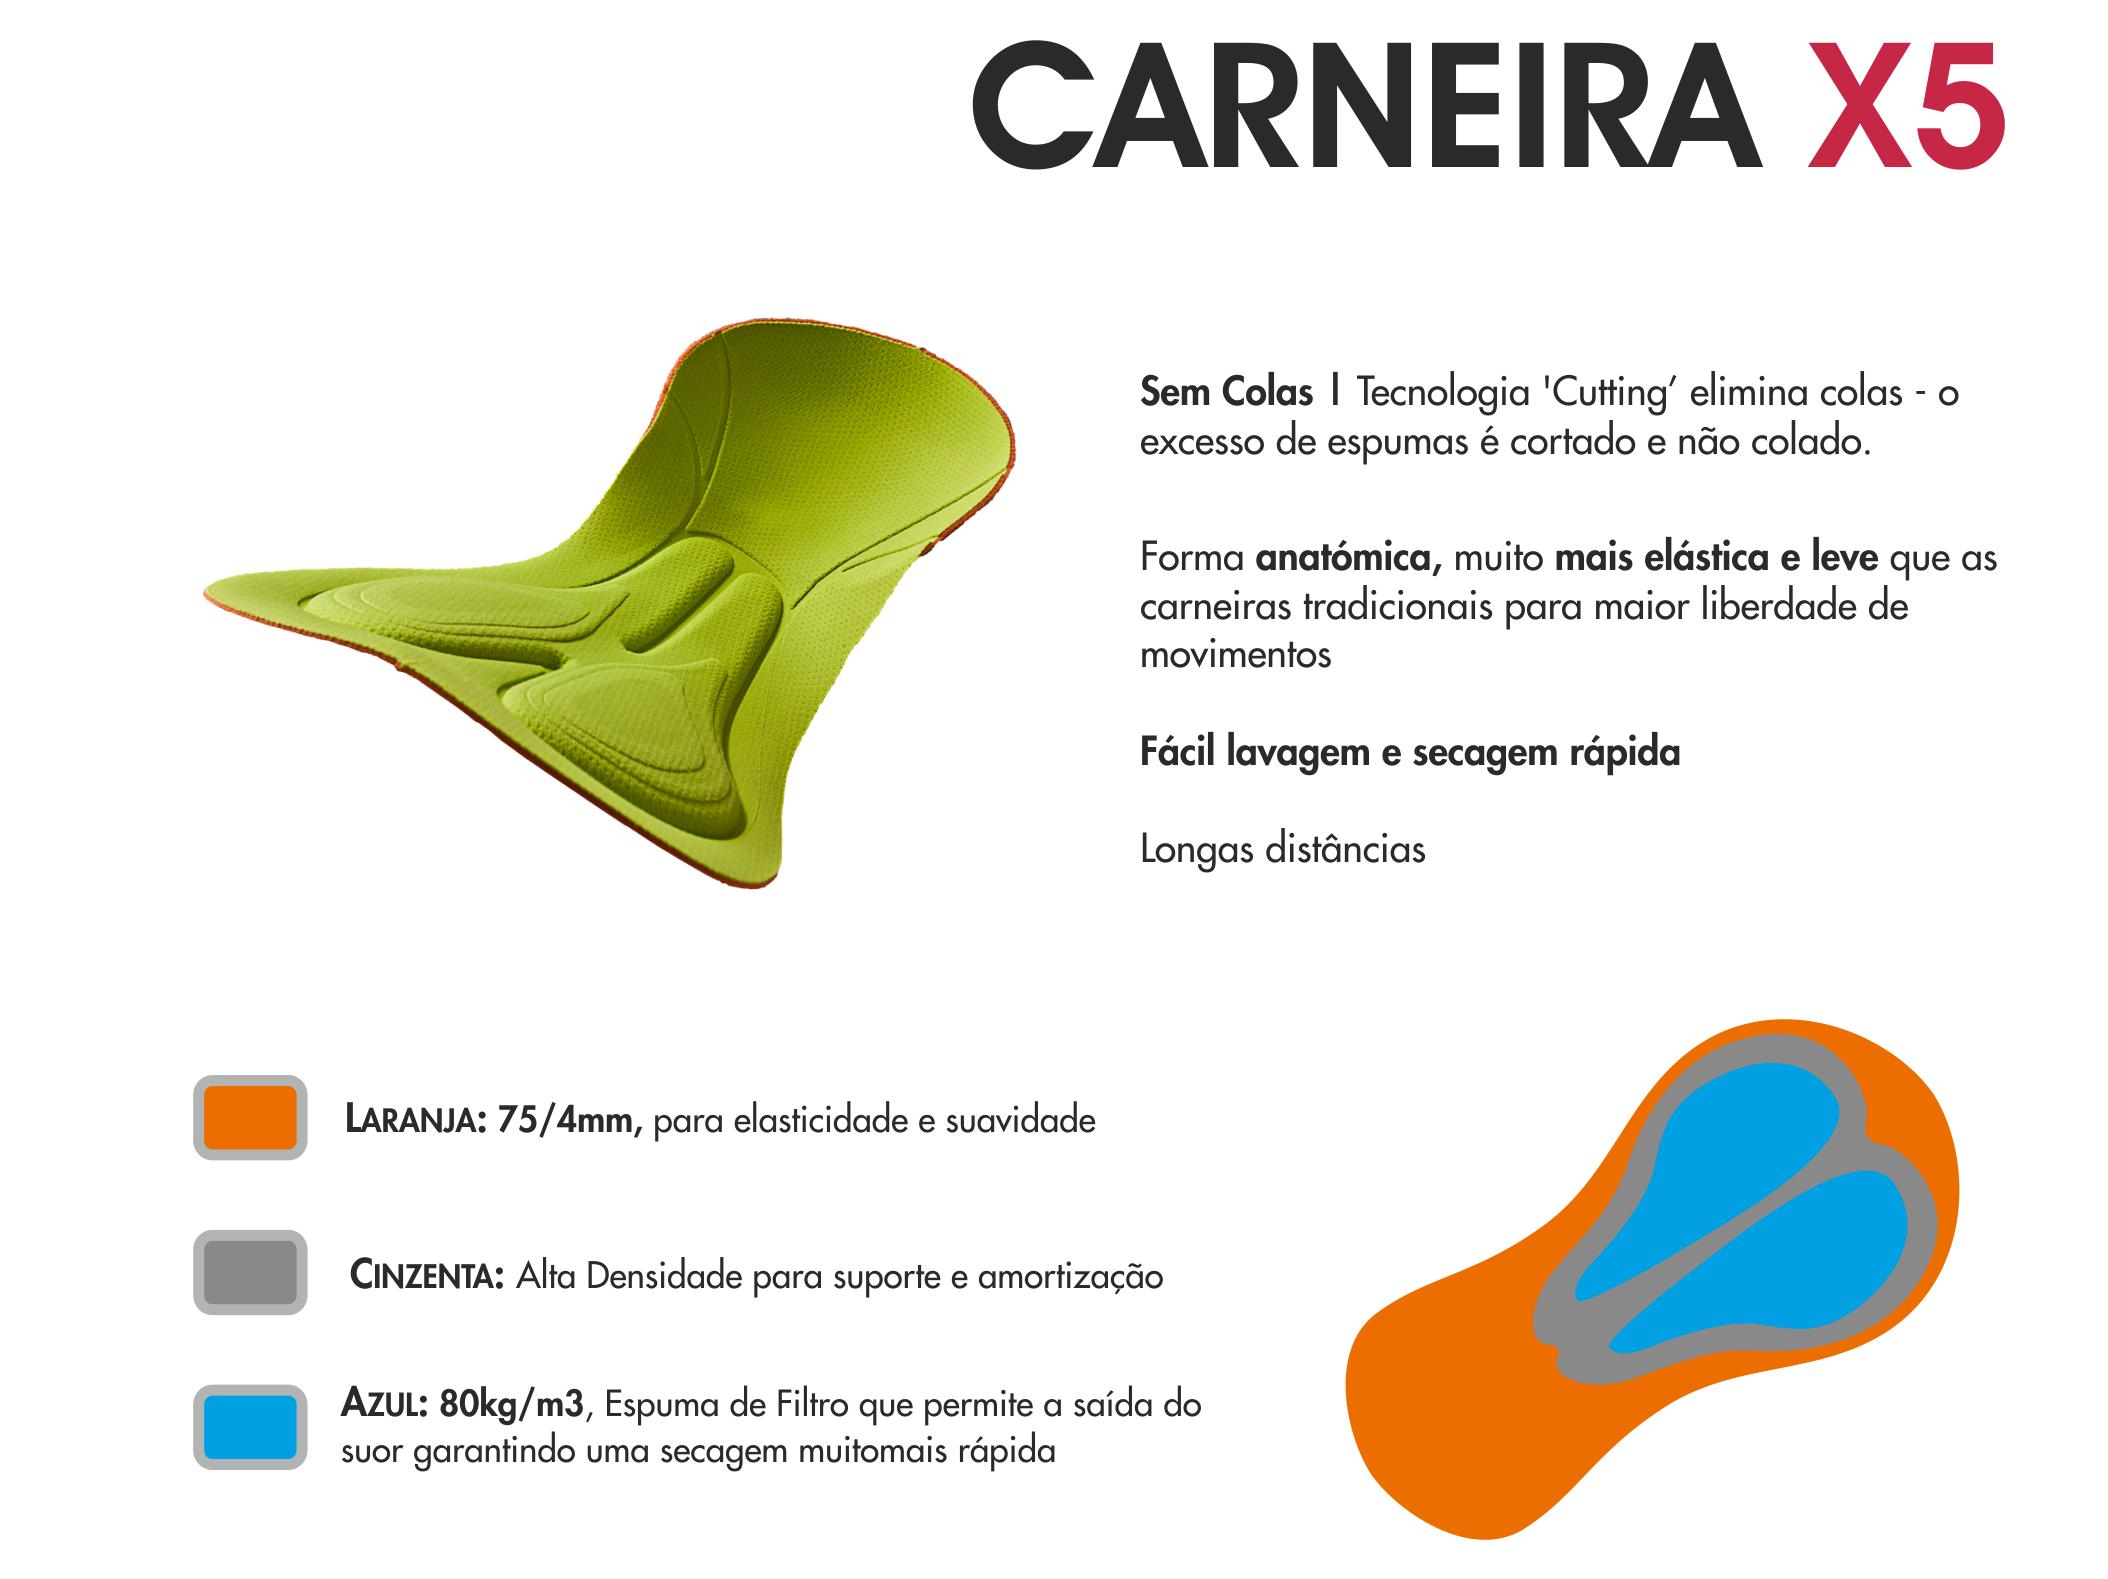 Carneira X5